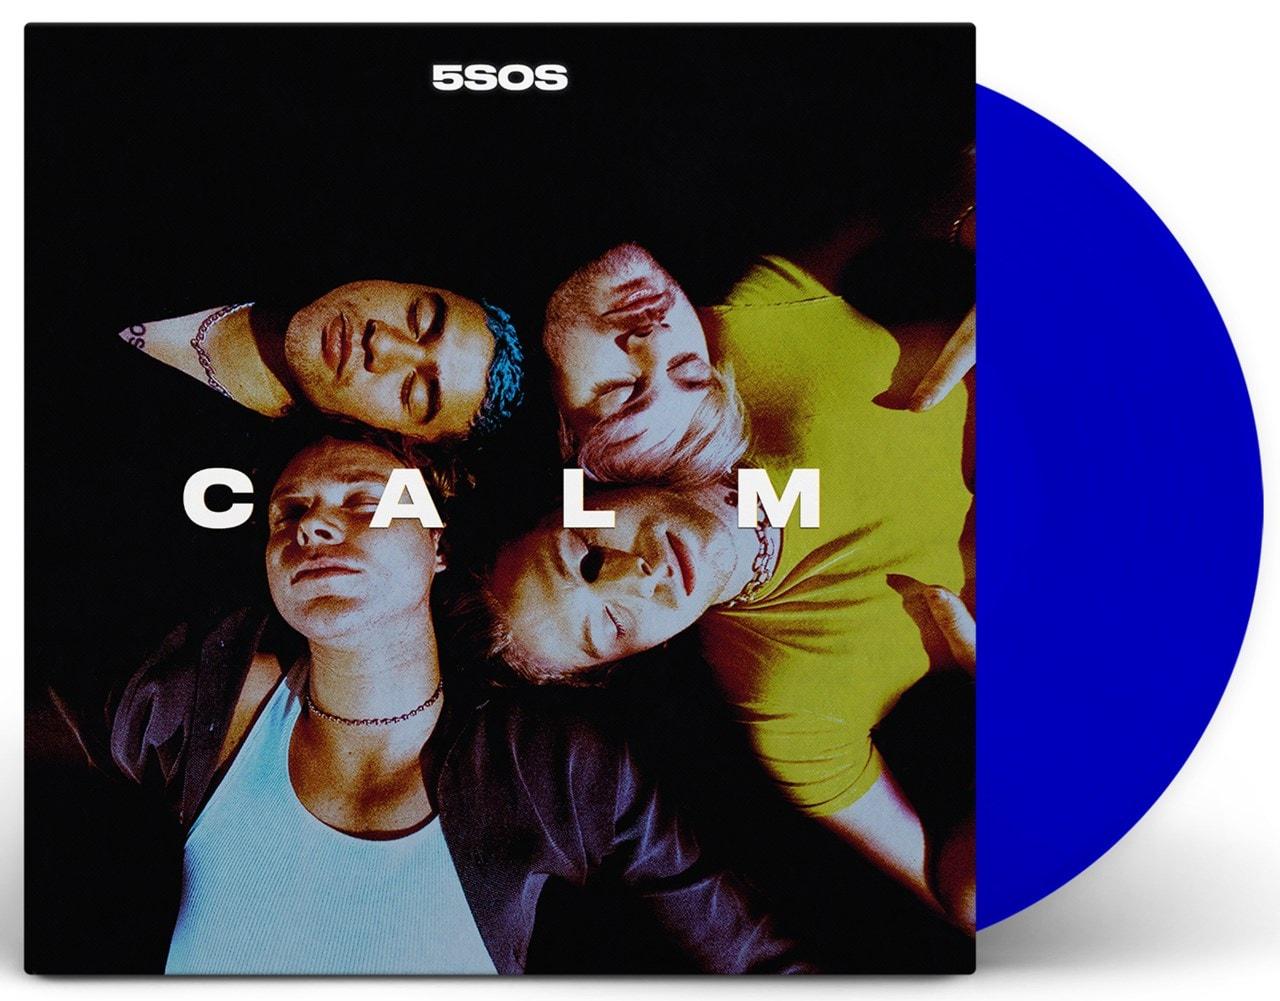 C a L M - Limited Edition Blue Vinyl - 1